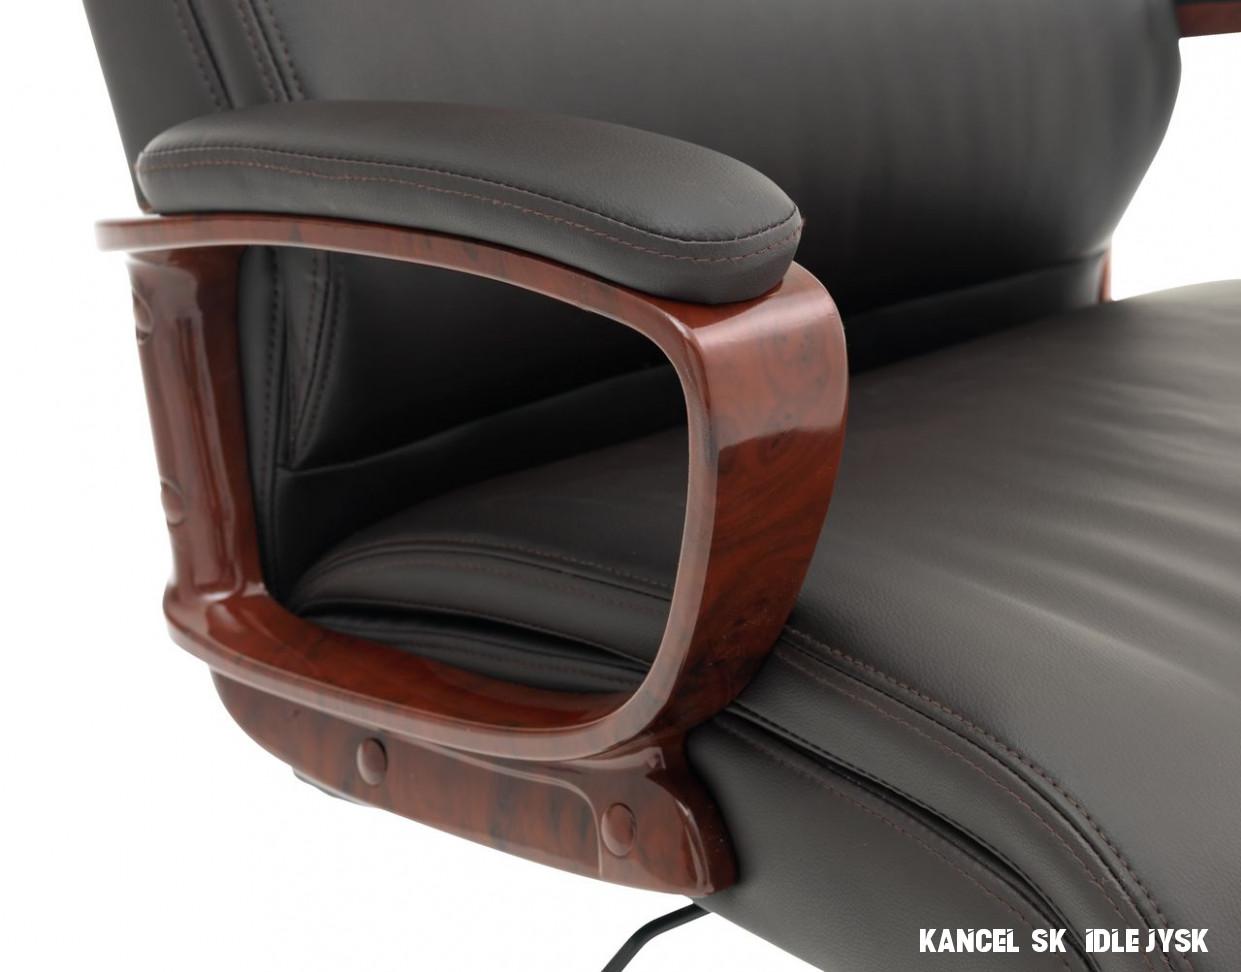 Nejnovejší sbírka obrázky nápad Kancelářské židle jysk